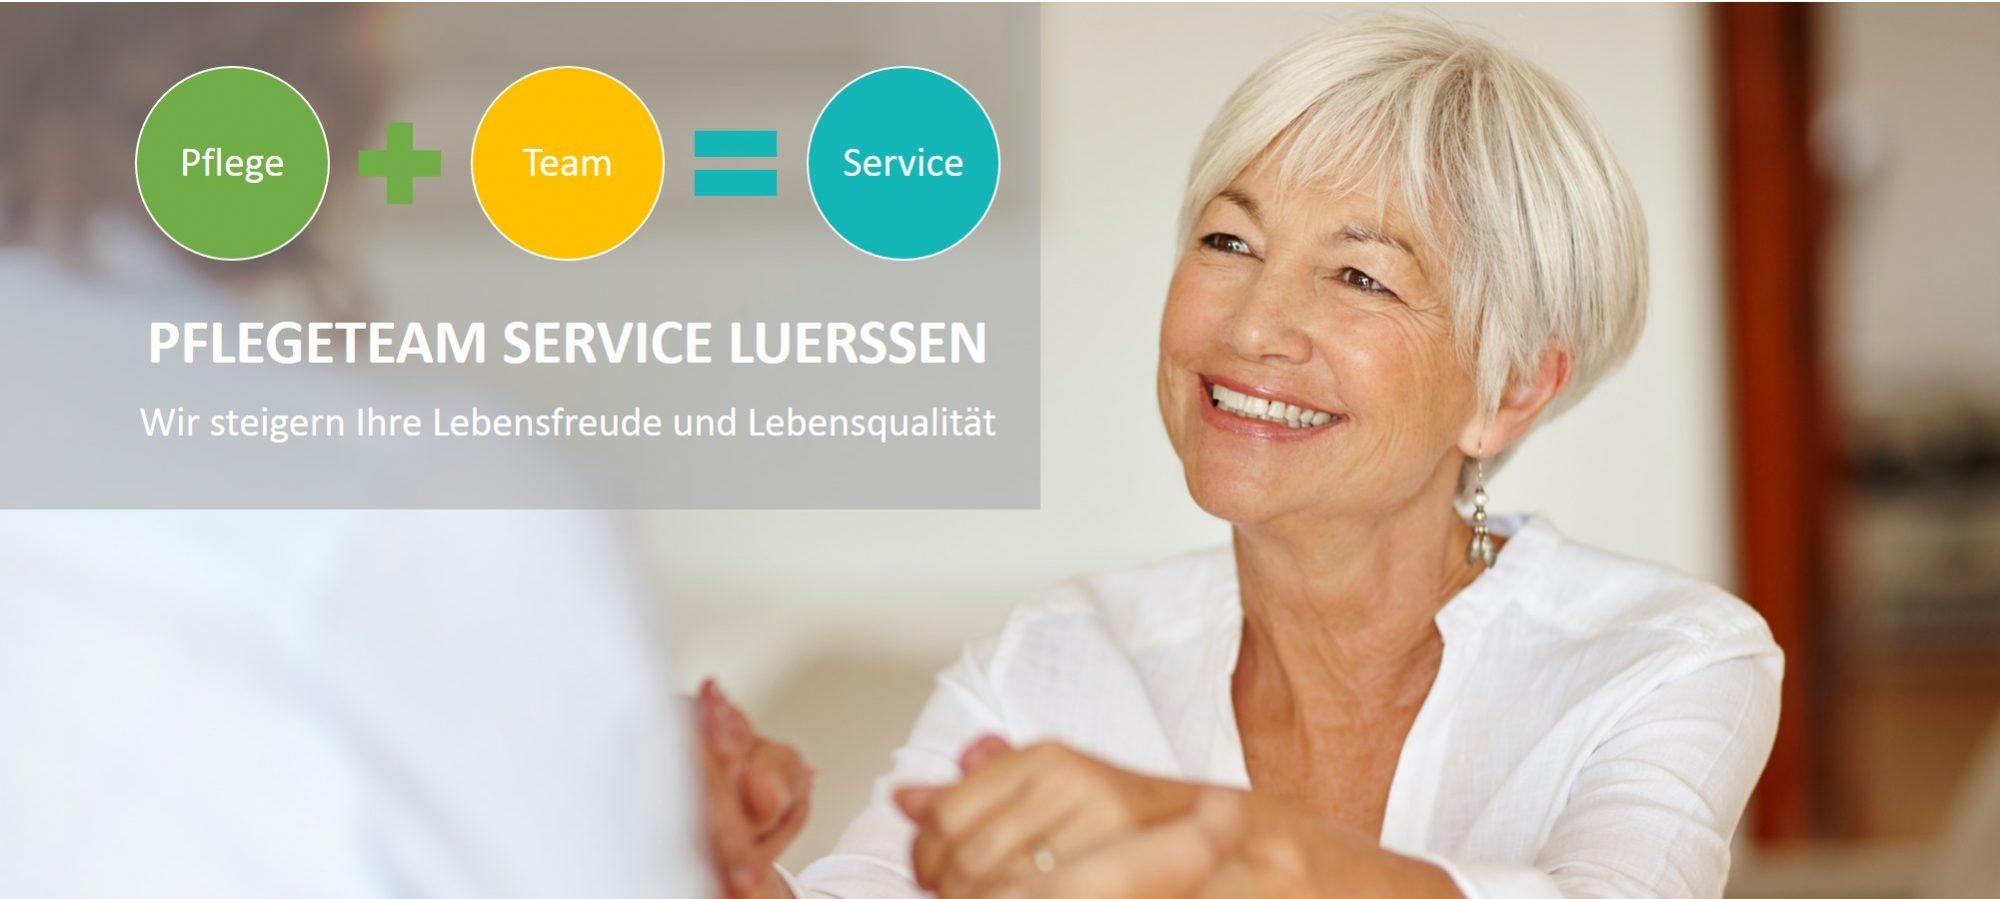 PFLEGETEAM-SERVICE LUERSSEN